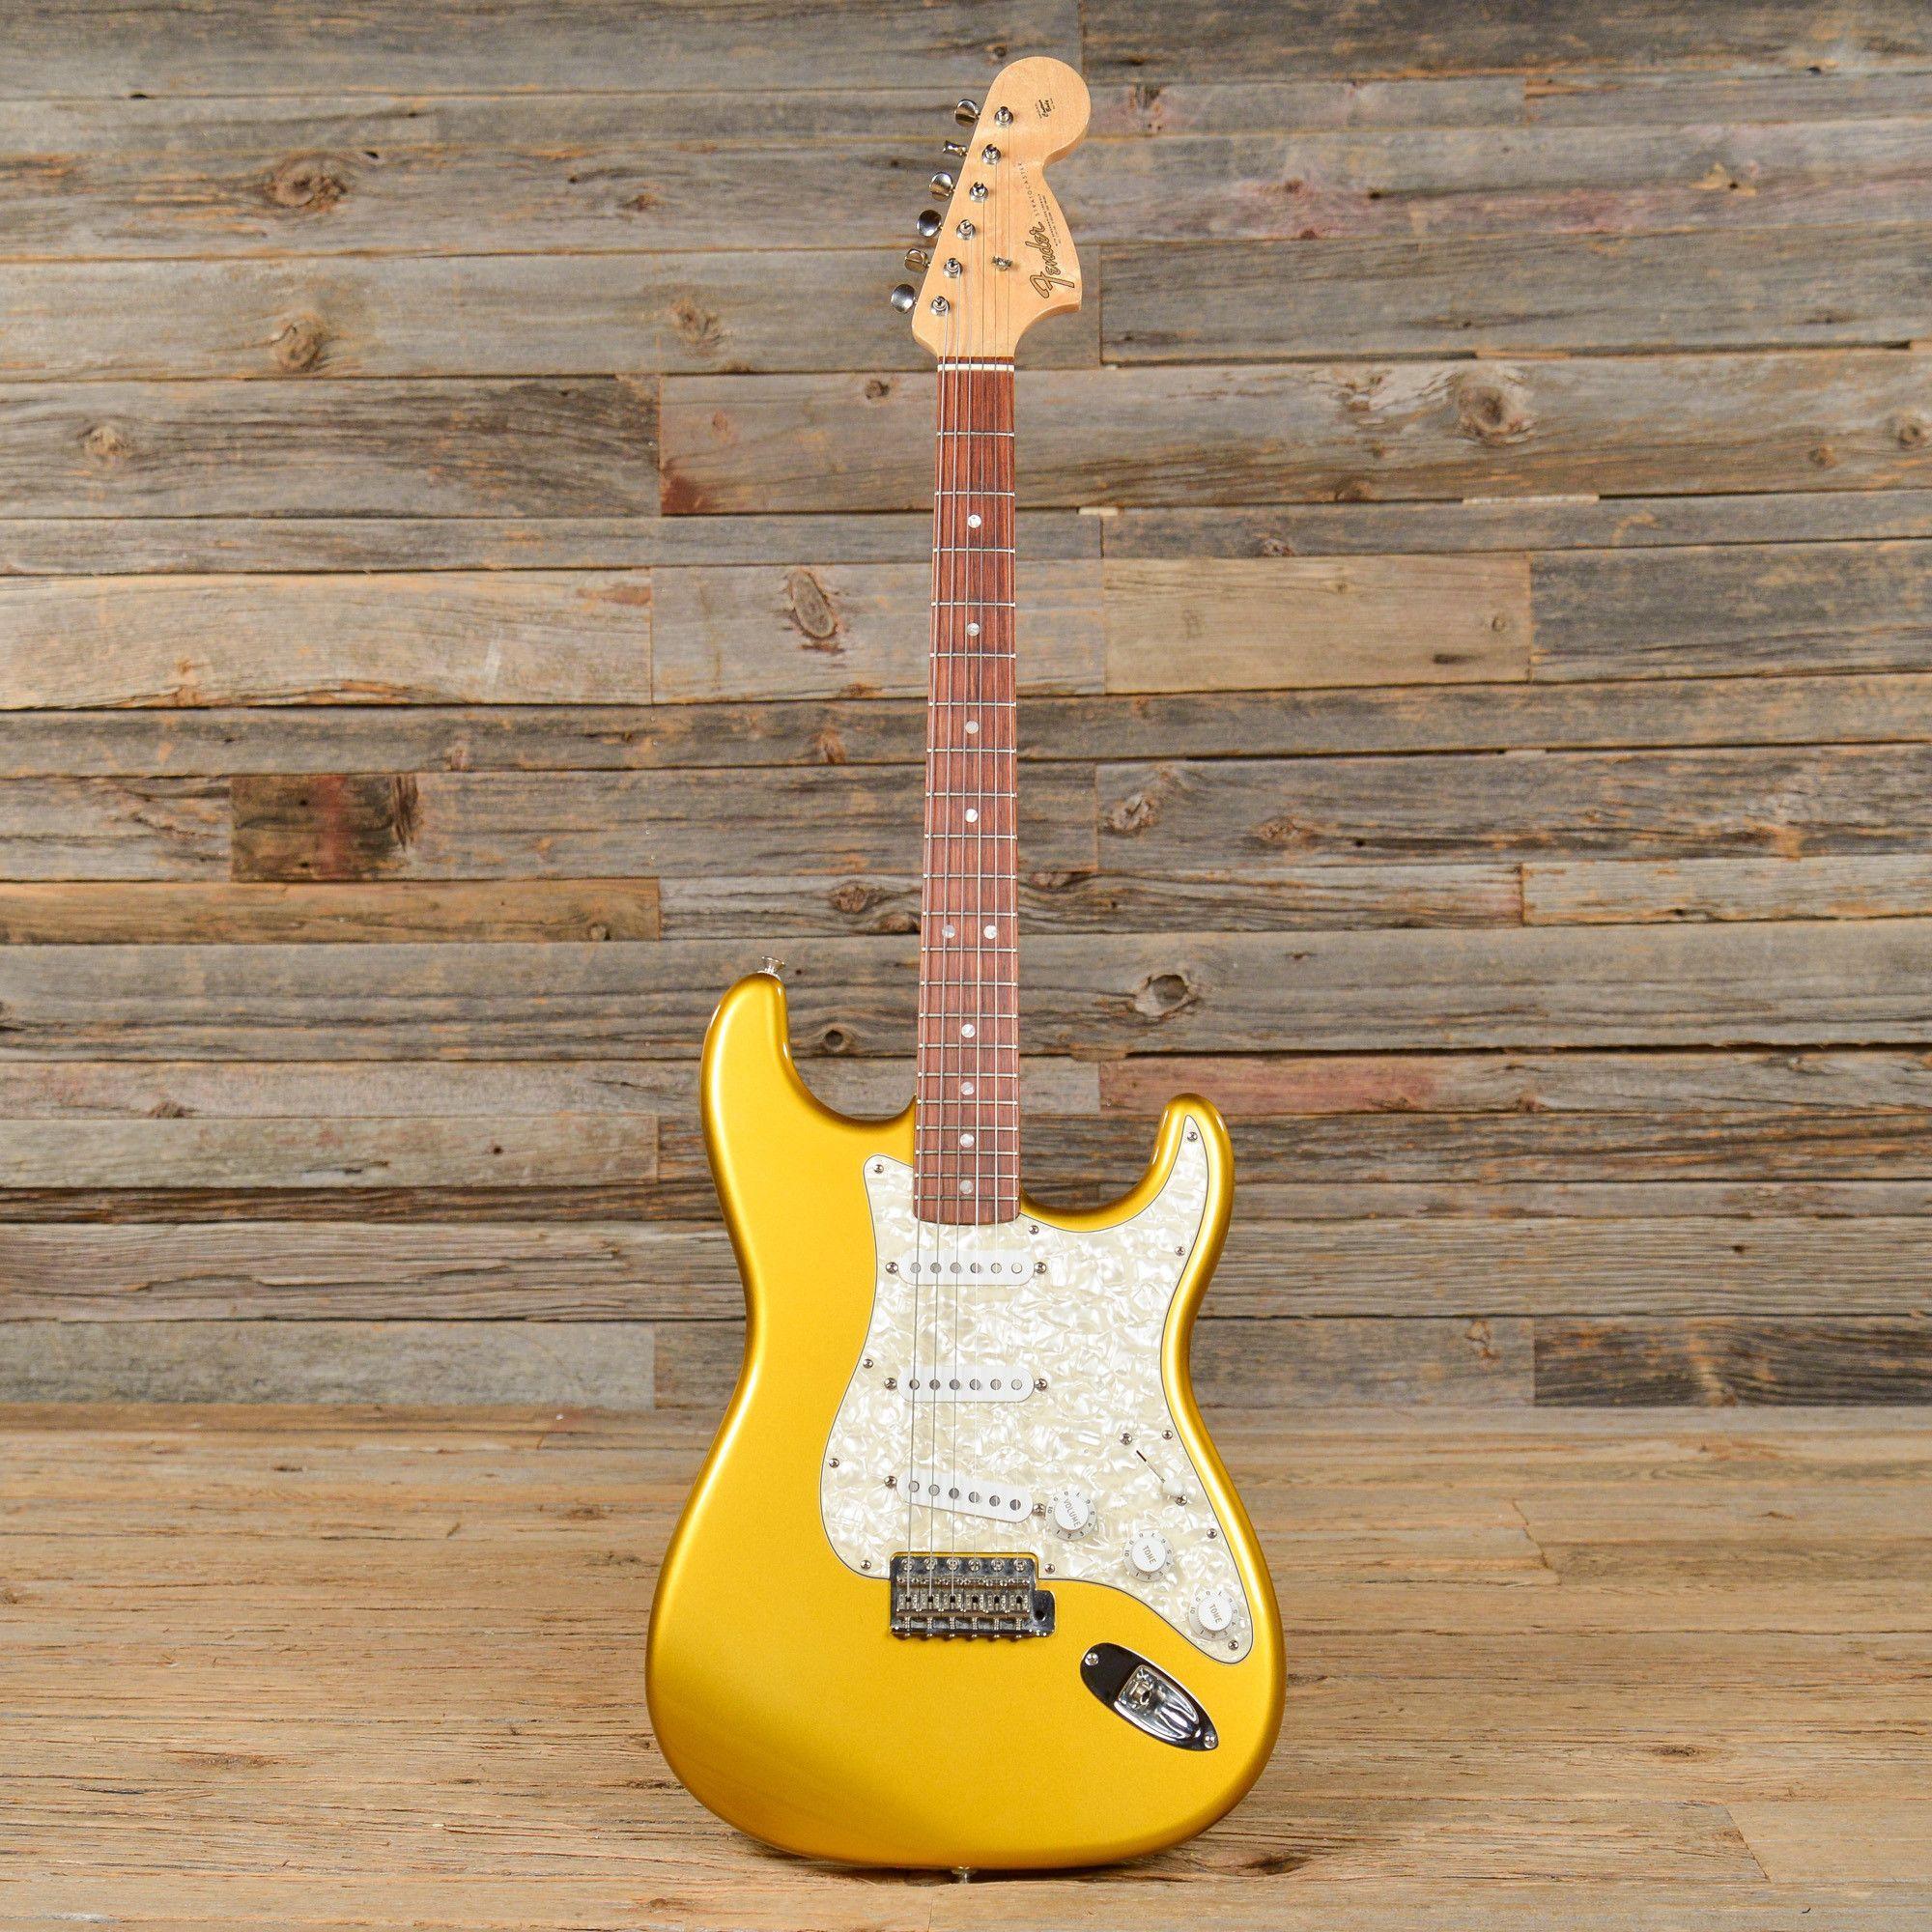 Erkunde Fender Stratocaster Fender gitarren und noch mehr